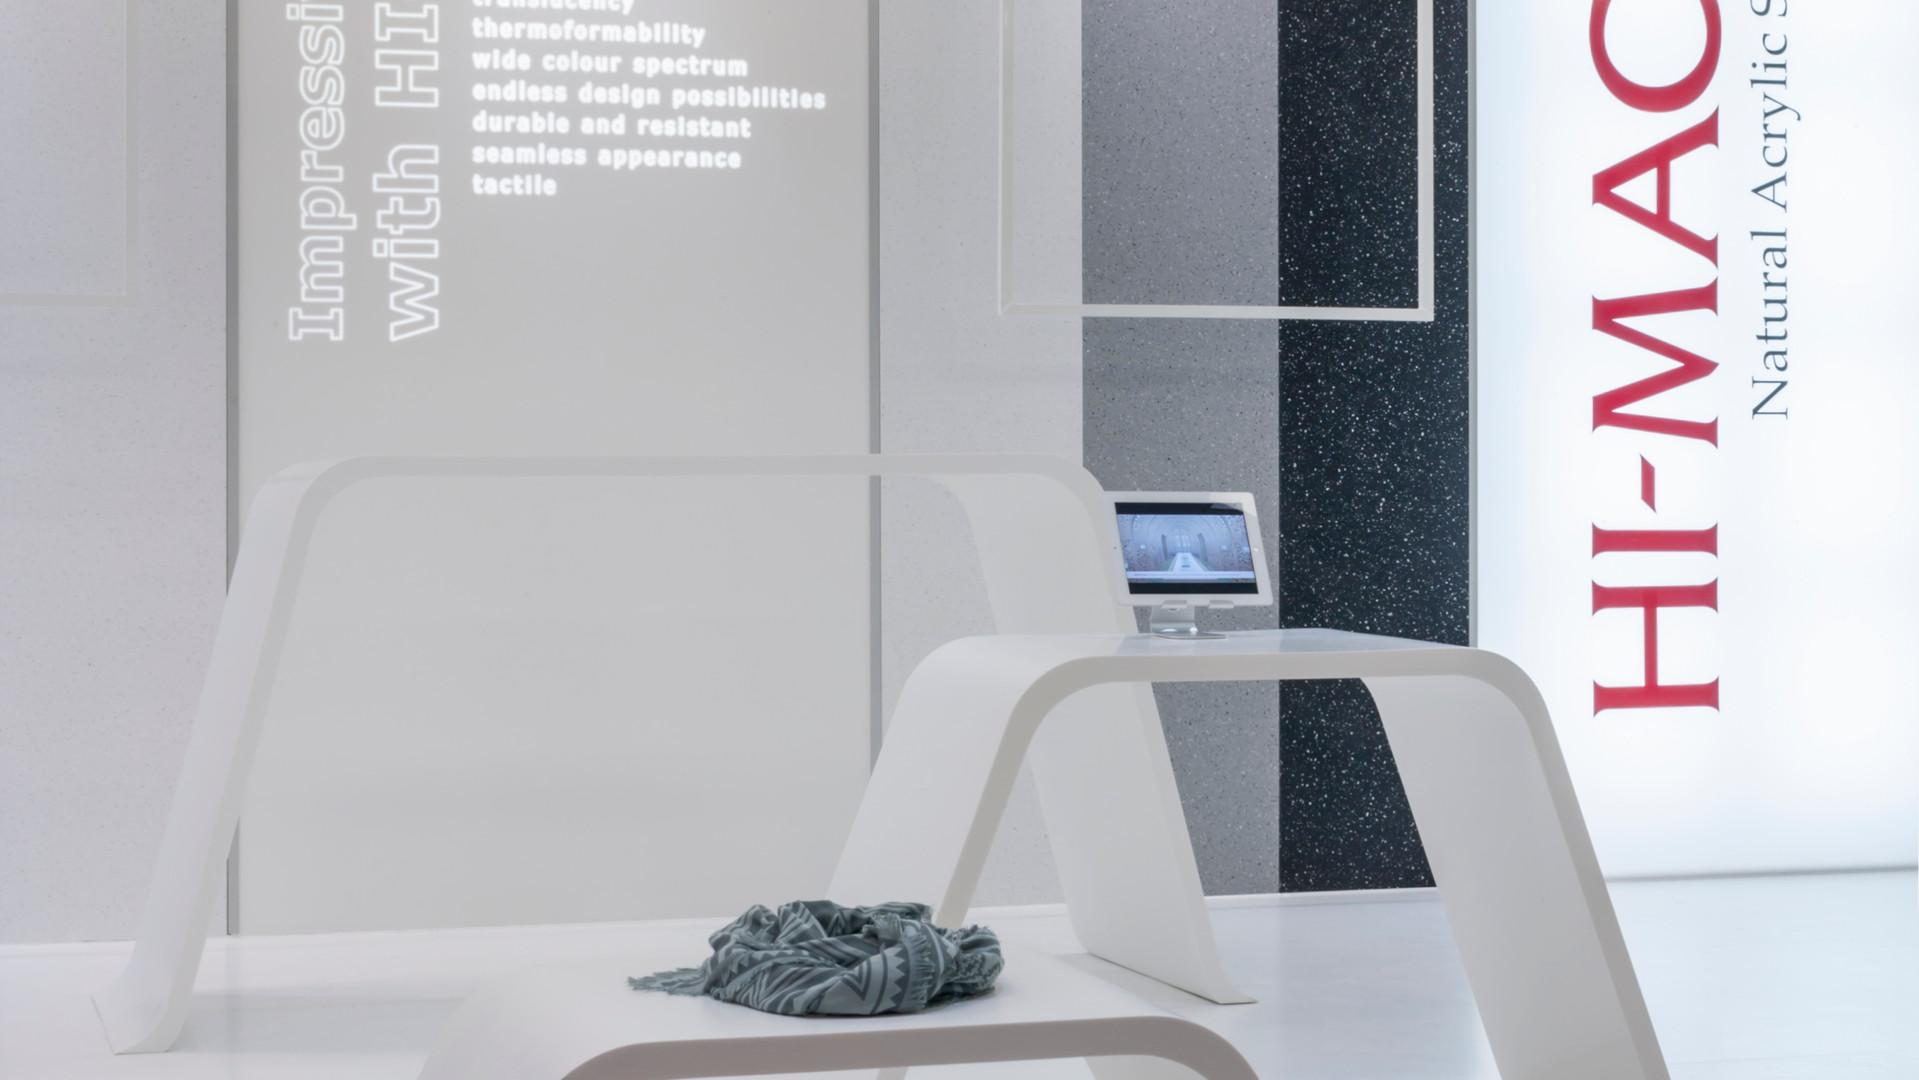 LG HI-MACS interior design